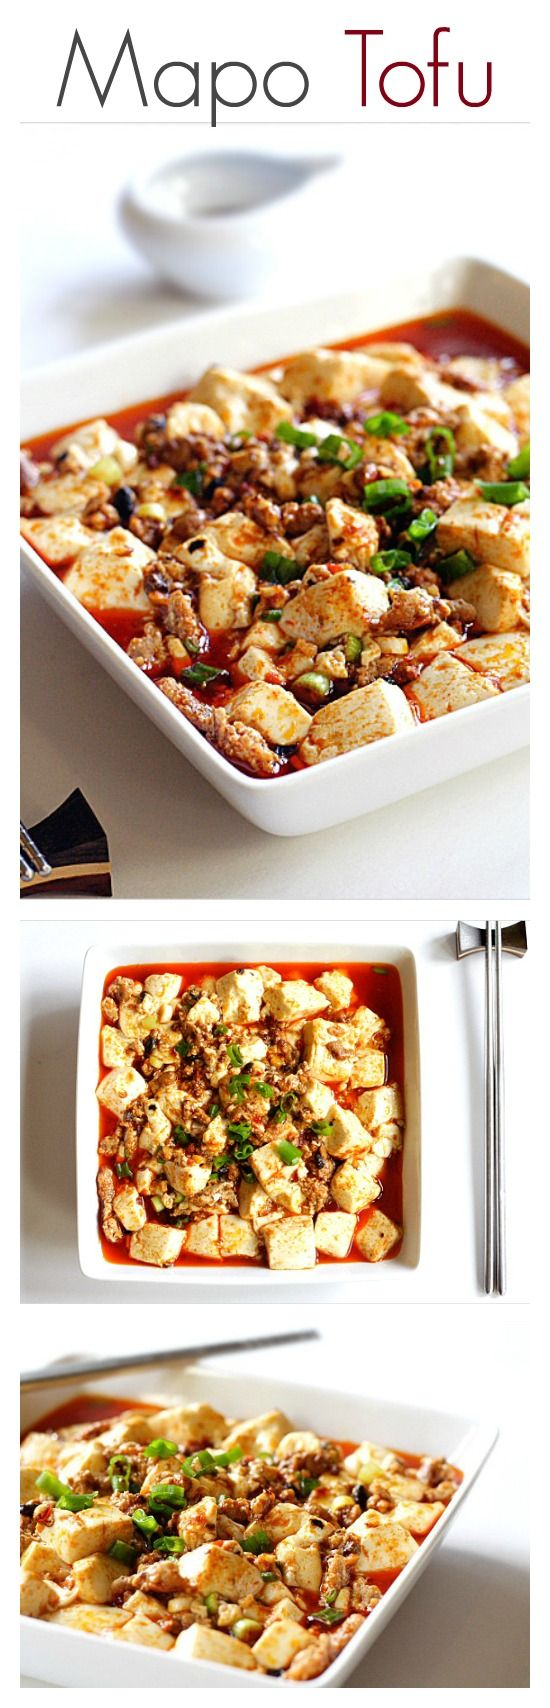 Mapo Tofu - the best Chinese tofu dish.